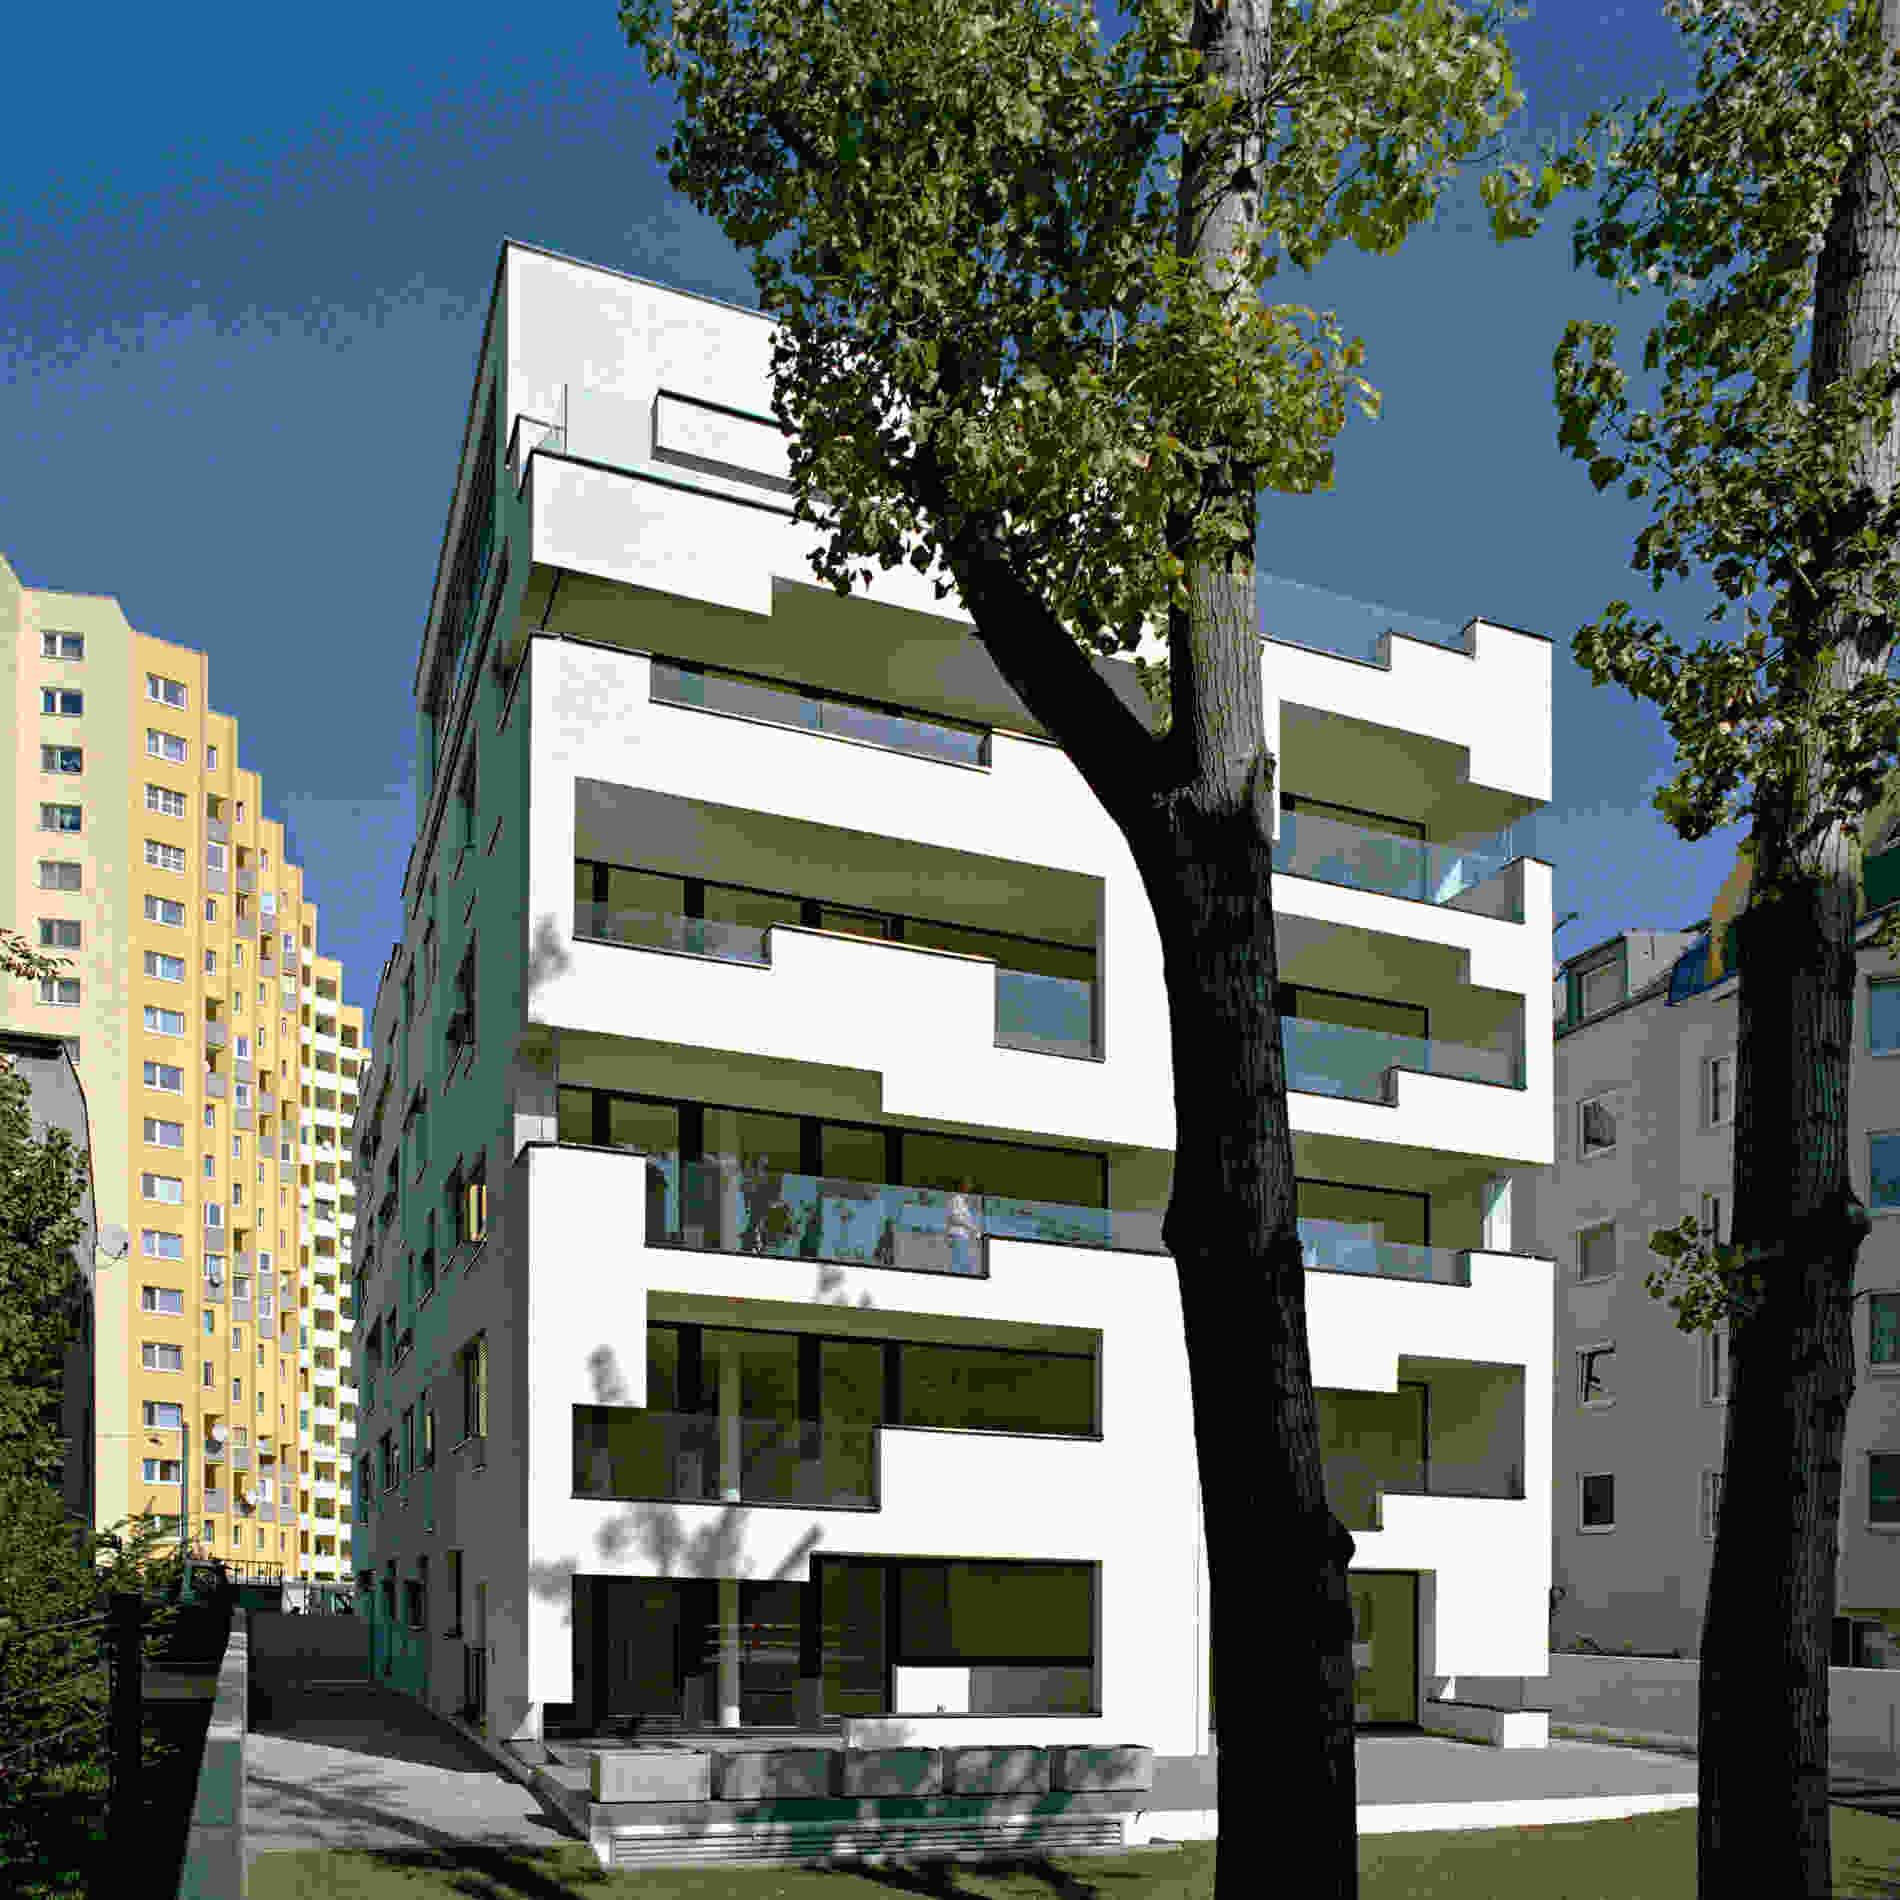 102 Steigenteschgasse facade hh 147 07